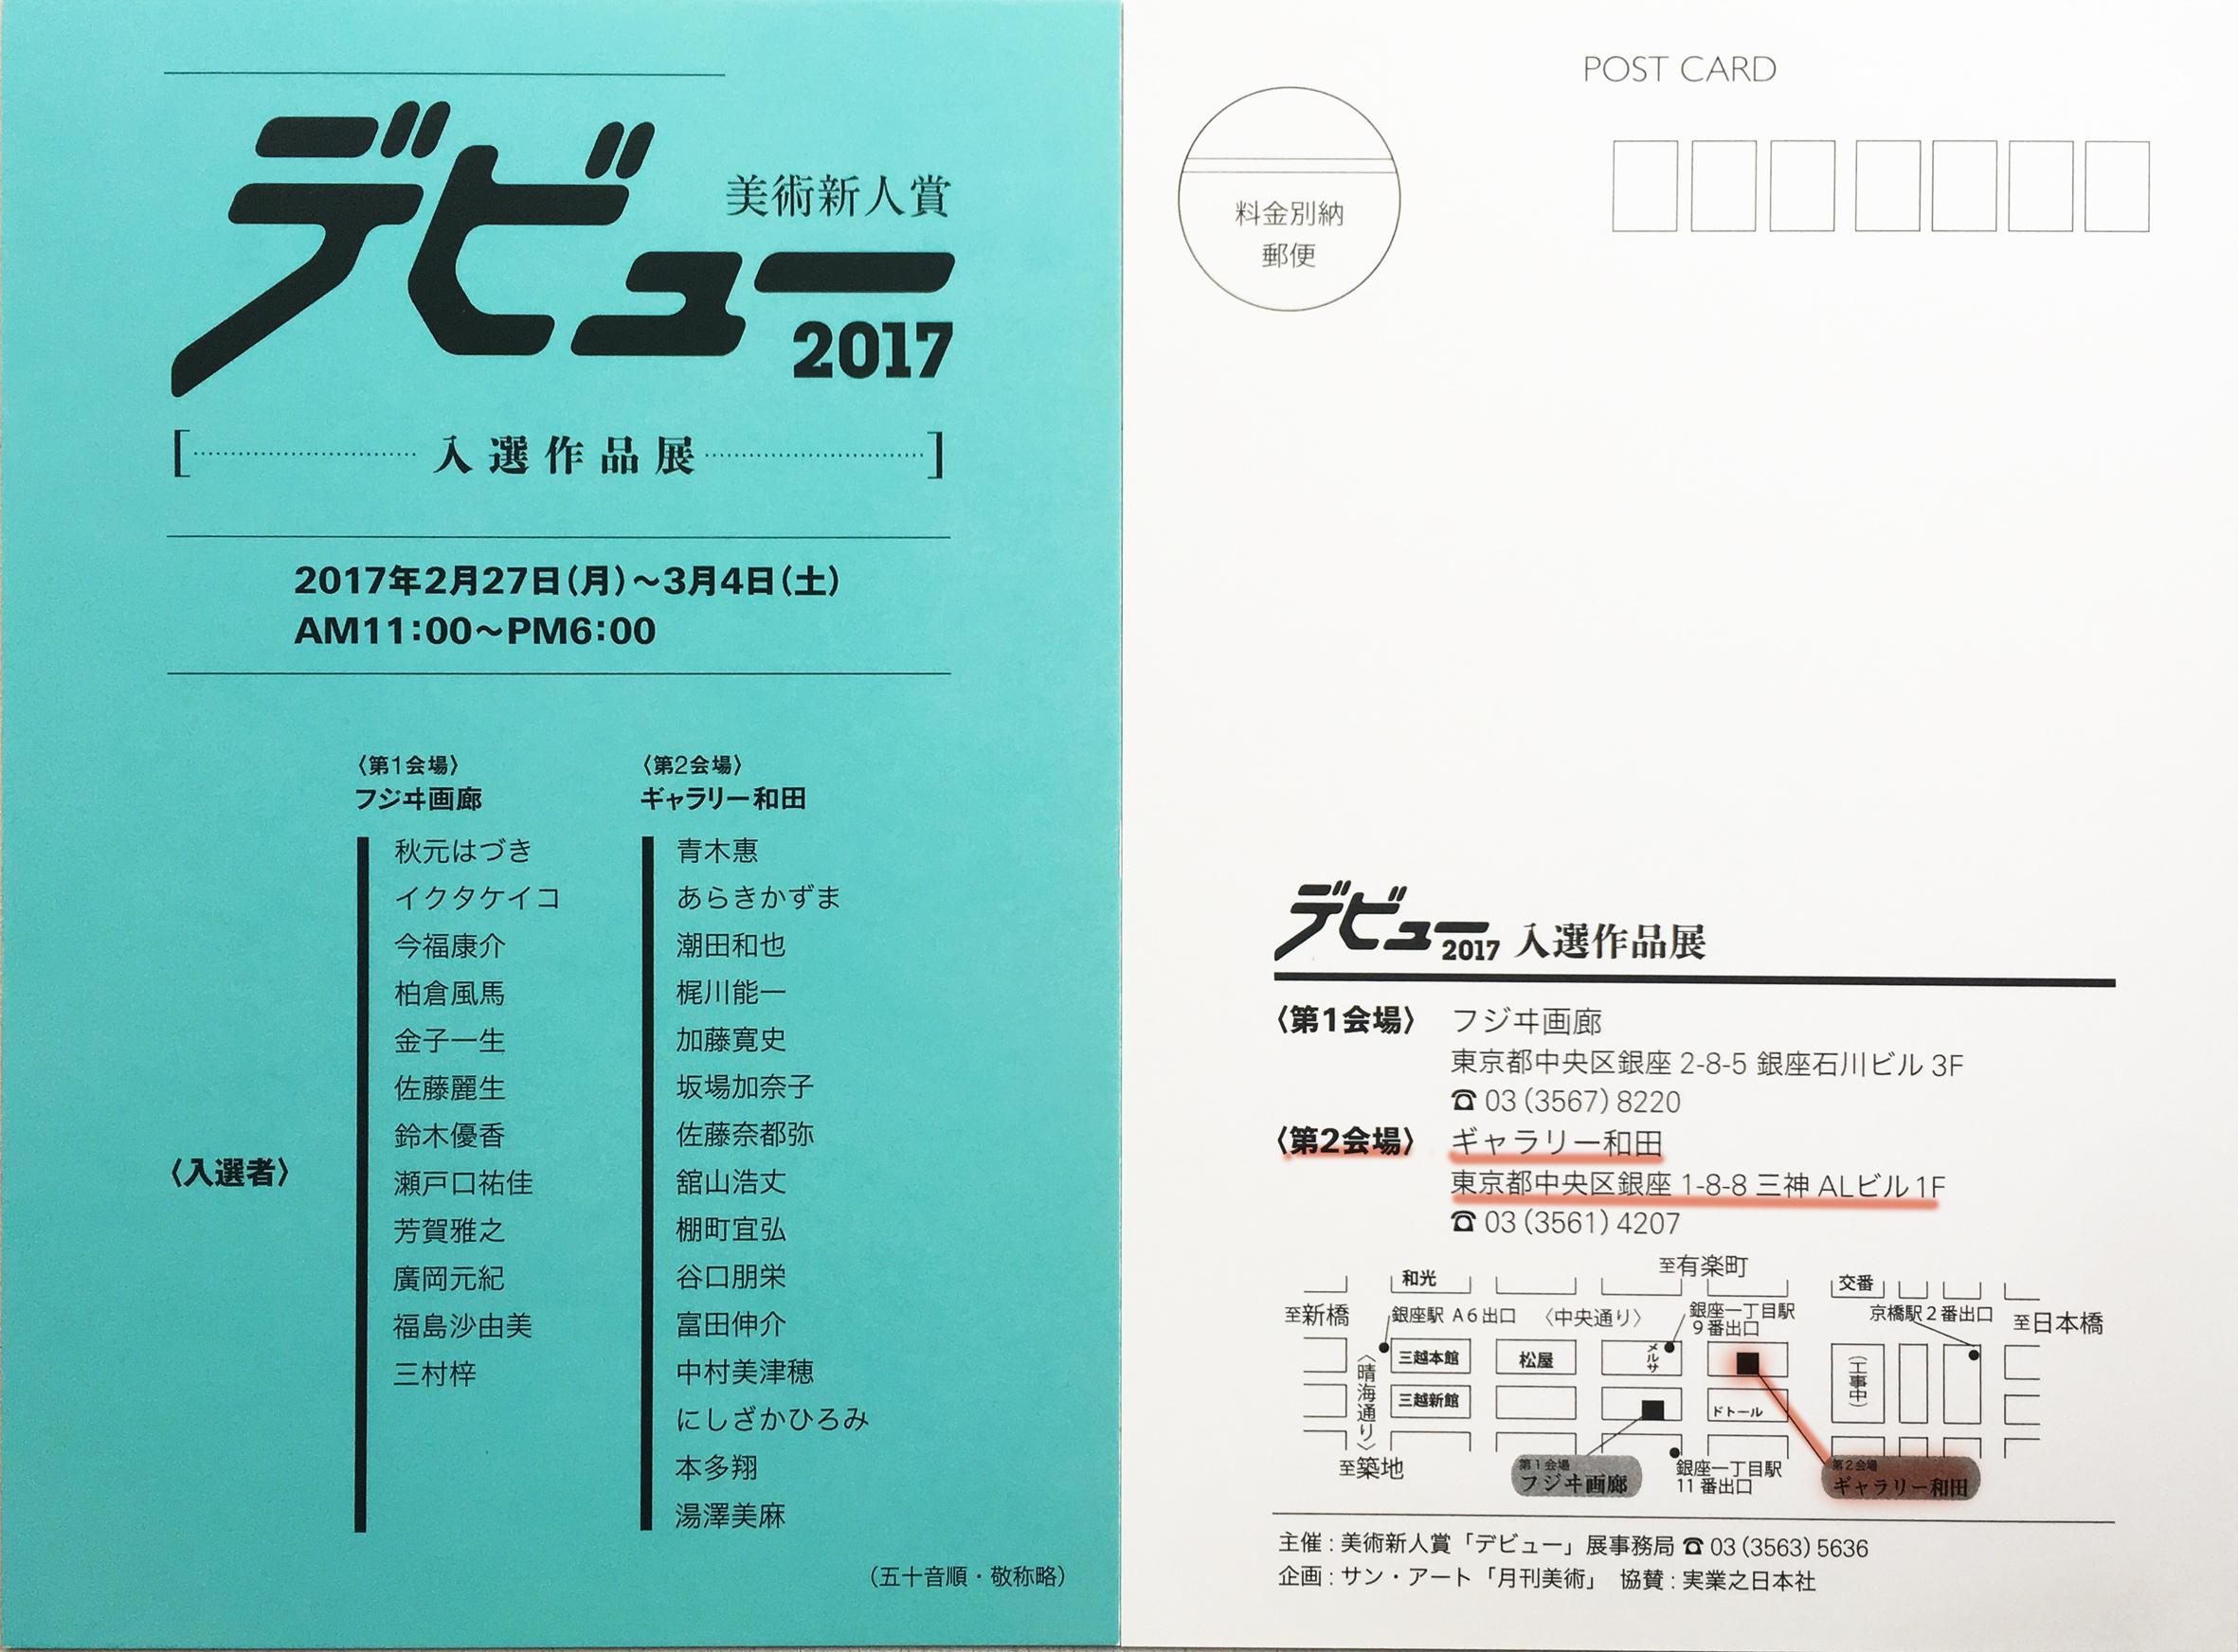 月刊美術 新人賞デビュー展2017 DM